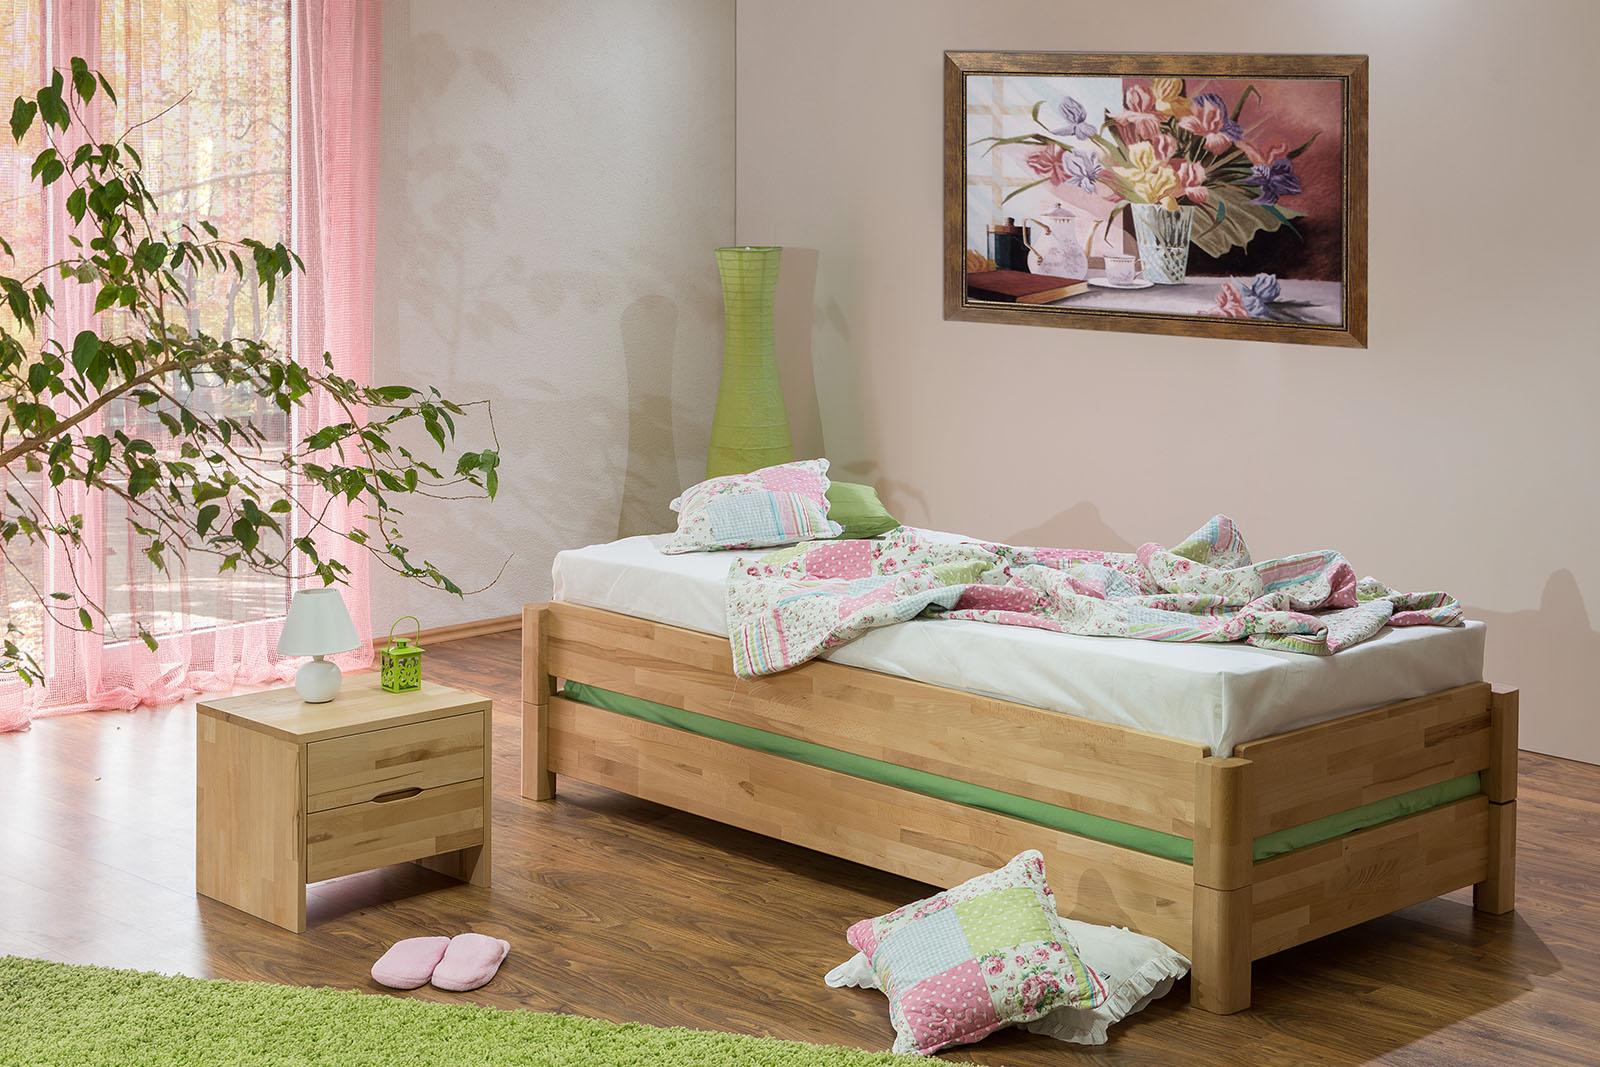 Full Size of Bett Betten Fr Jeden Wunsch Das Richtige Zur Auswahl Dänisches Bettenlager Badezimmer Wohnzimmer Stapelbetten Dänisches Bettenlager